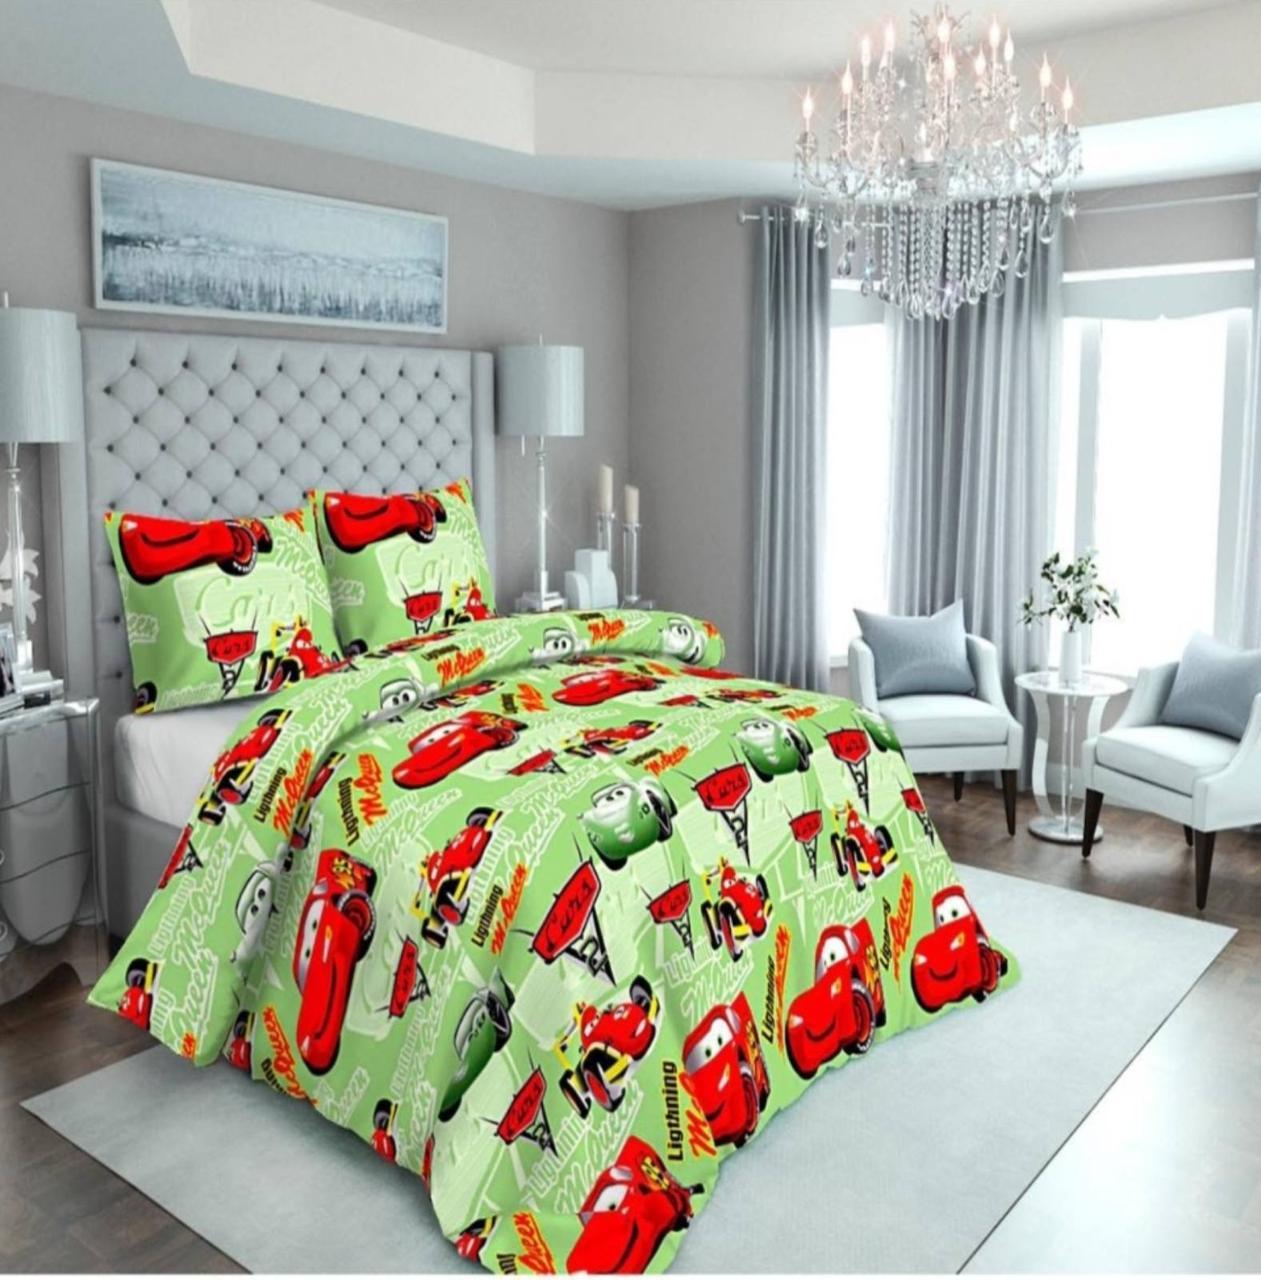 Комплект постельного белья подростковый Маквин на зеленом